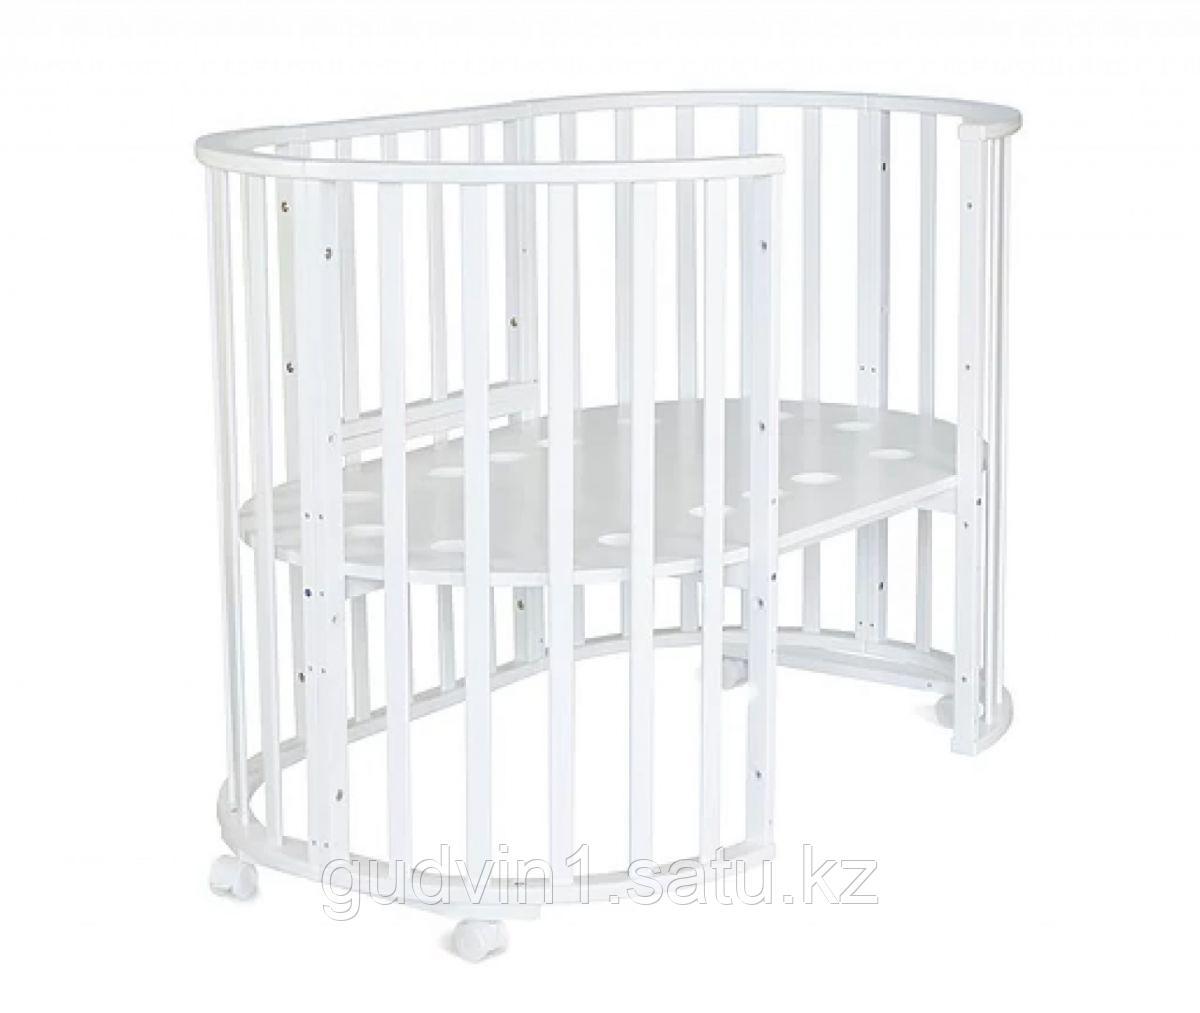 Круглая-овальная кровать трансформер 10в1 СКВ-10 105009 бежевая